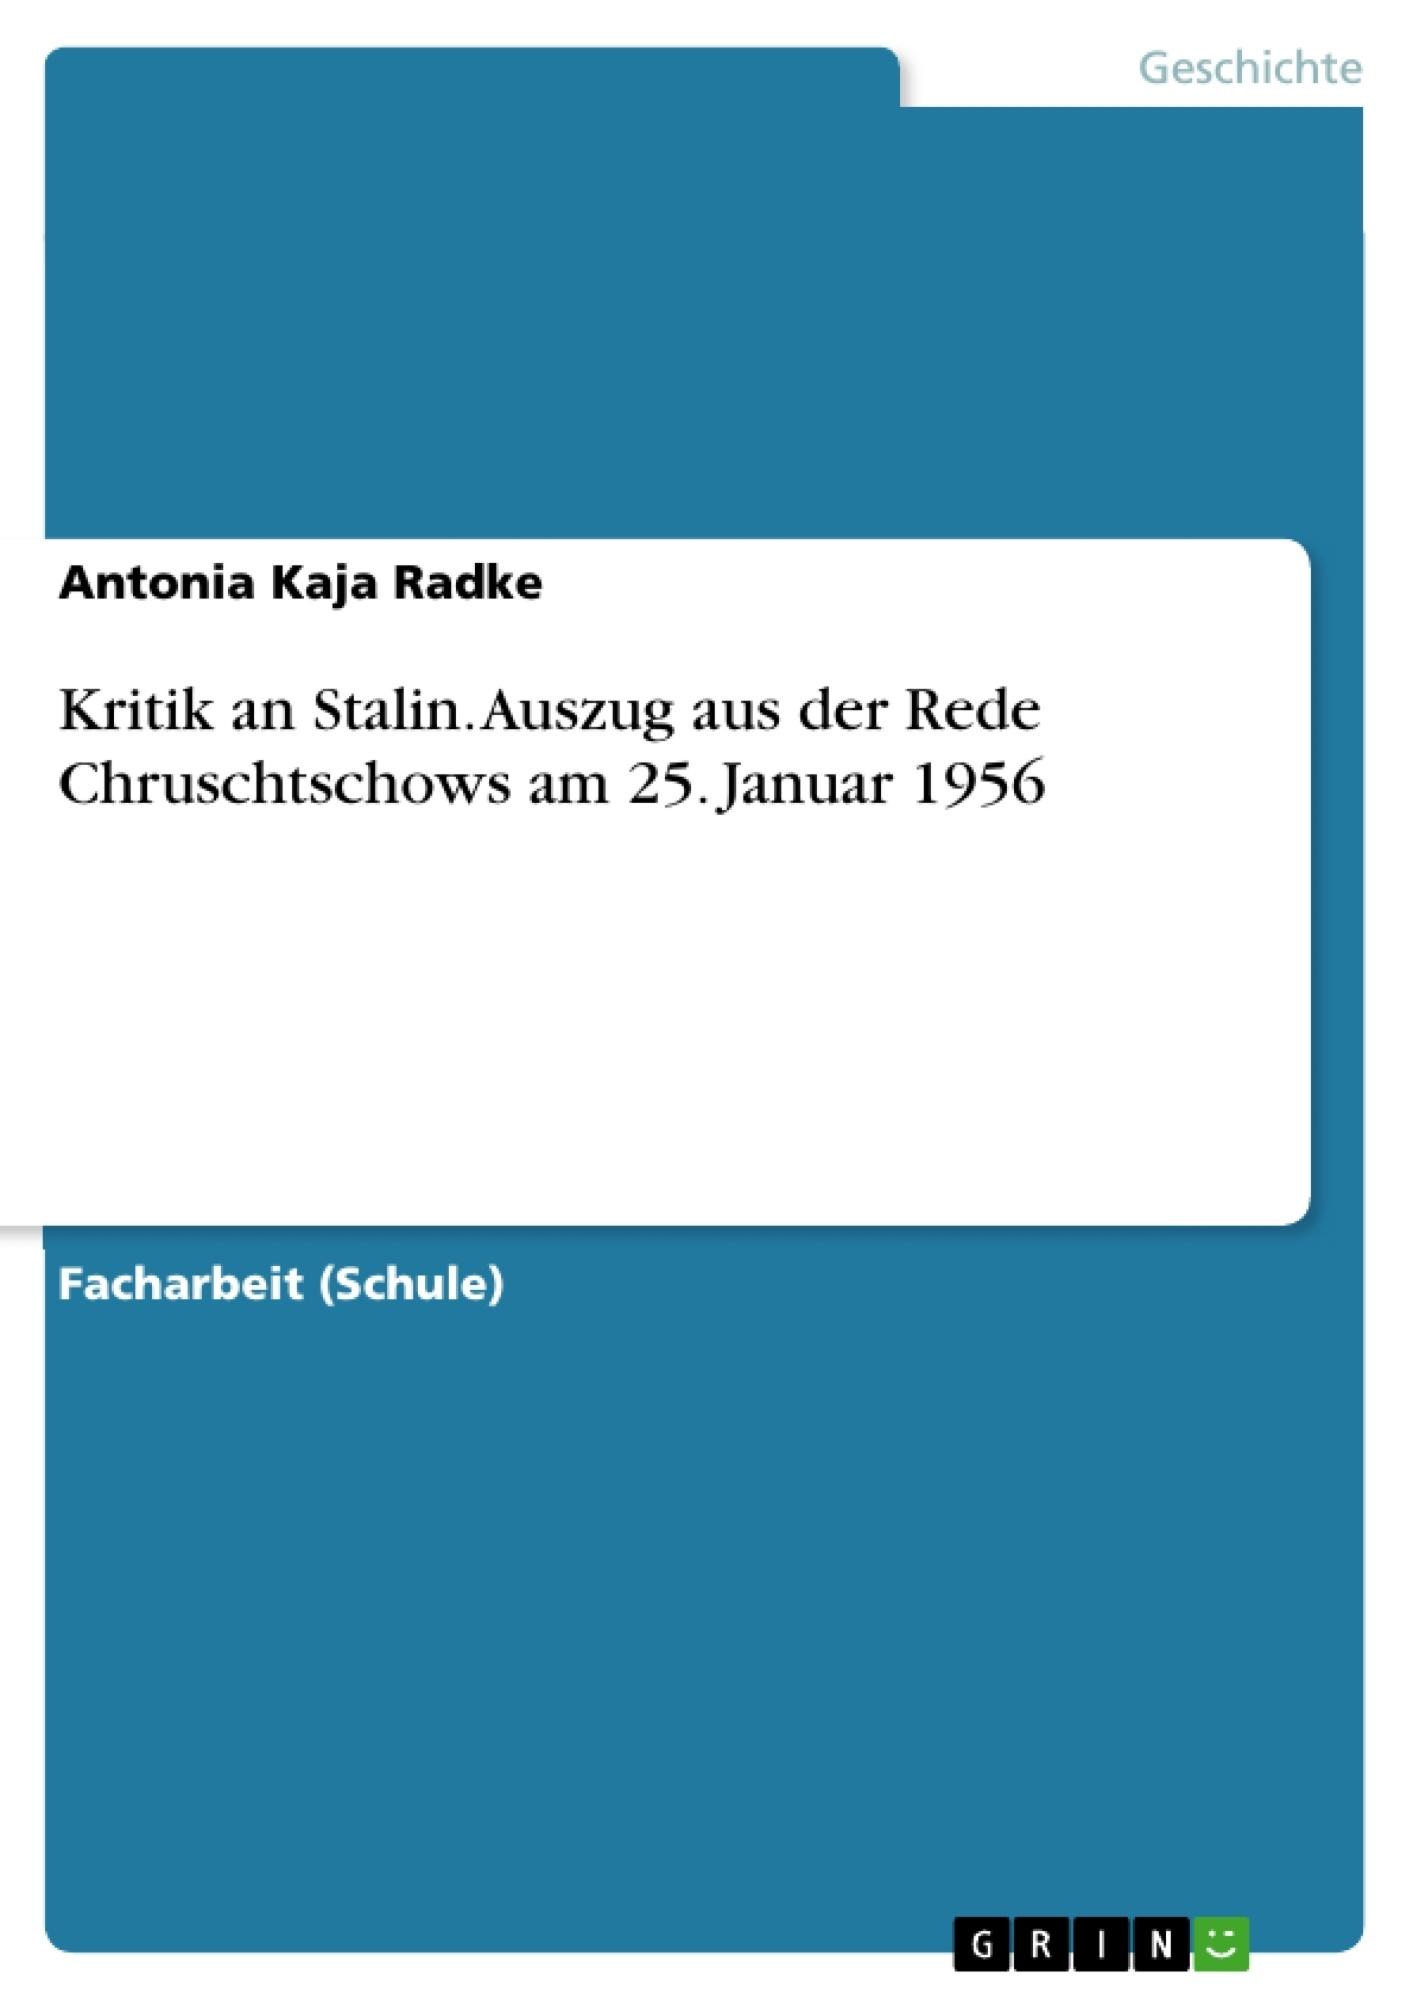 Titel: Kritik an Stalin. Auszug aus der Rede Chruschtschows am 25. Januar 1956